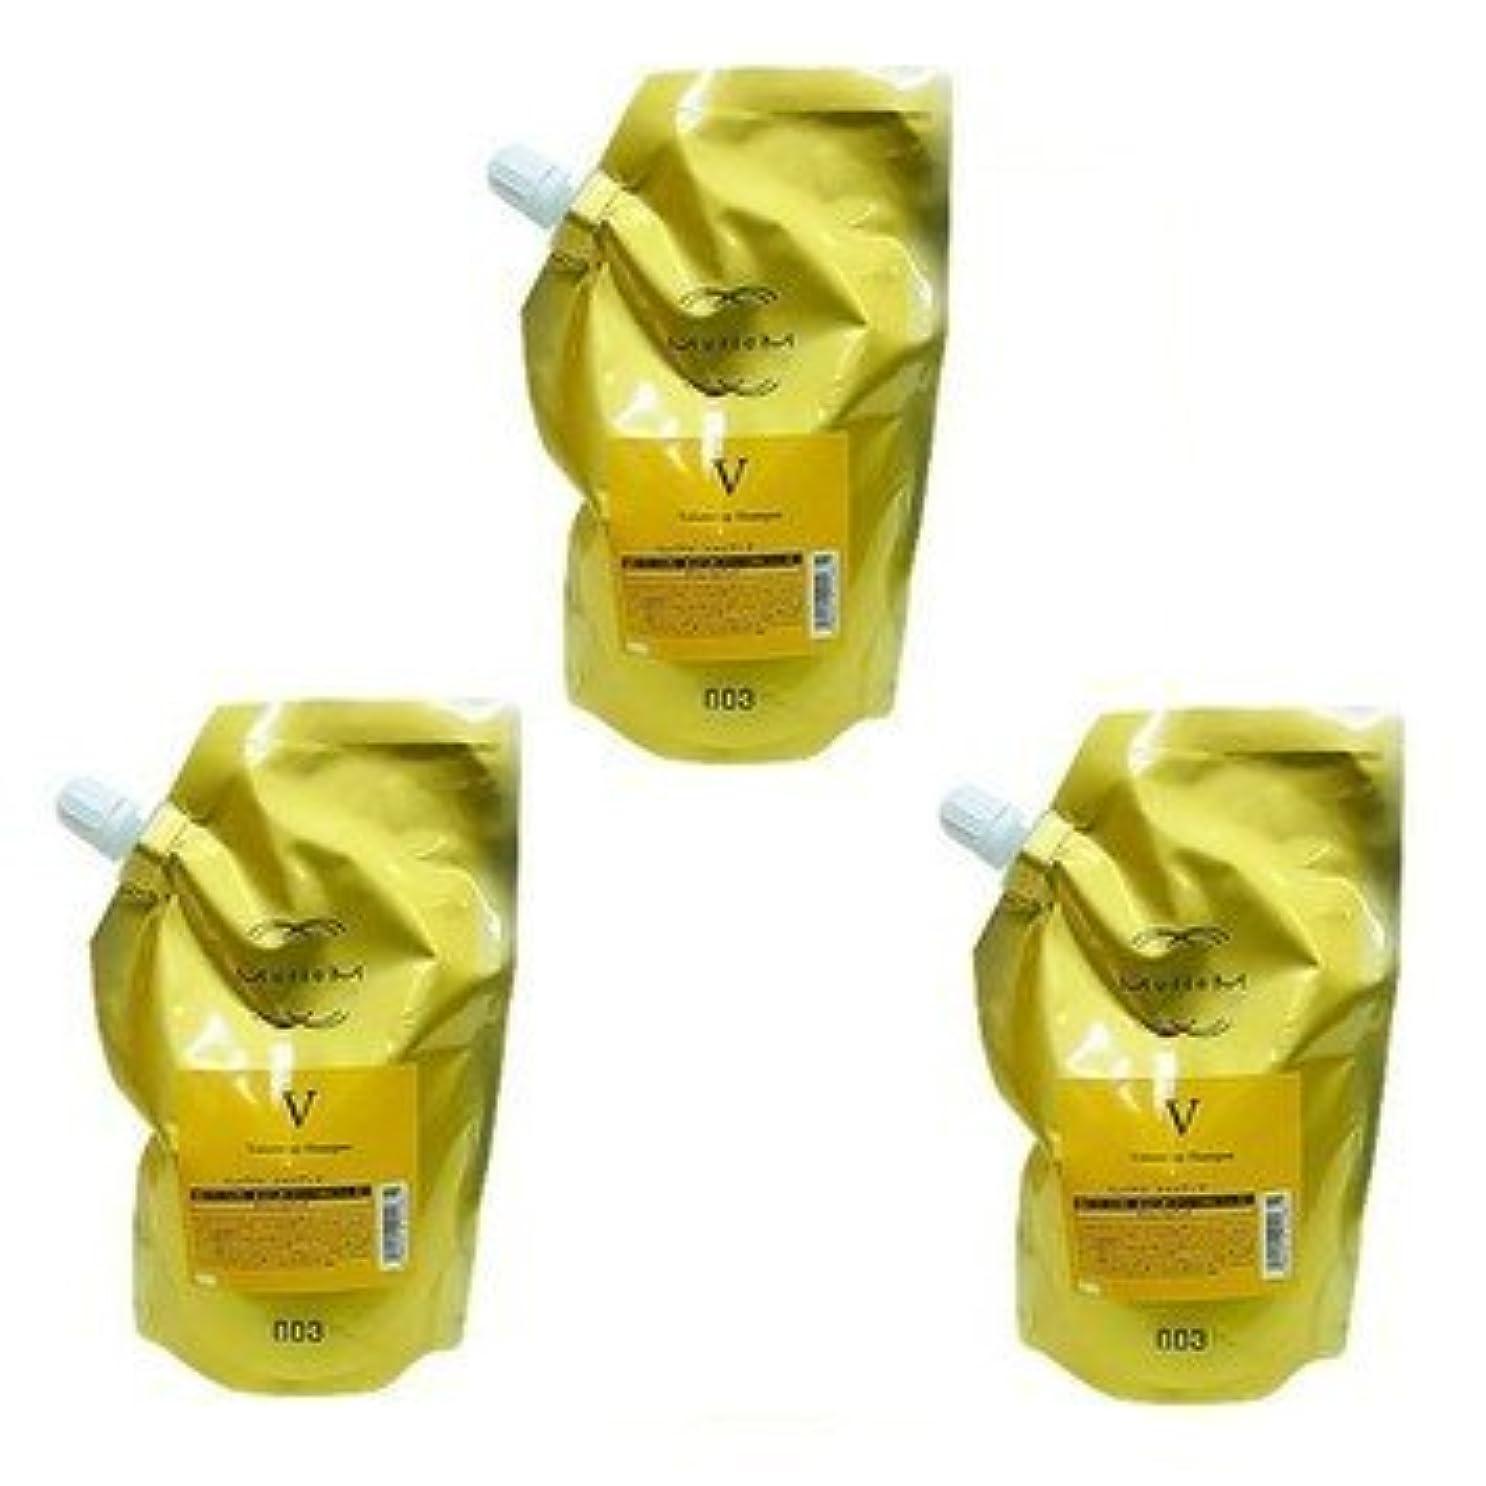 国民解放するマーカー【X3個セット】 ナンバースリー ミュリアム ゴールド シャンプー V 500ml 詰替え用